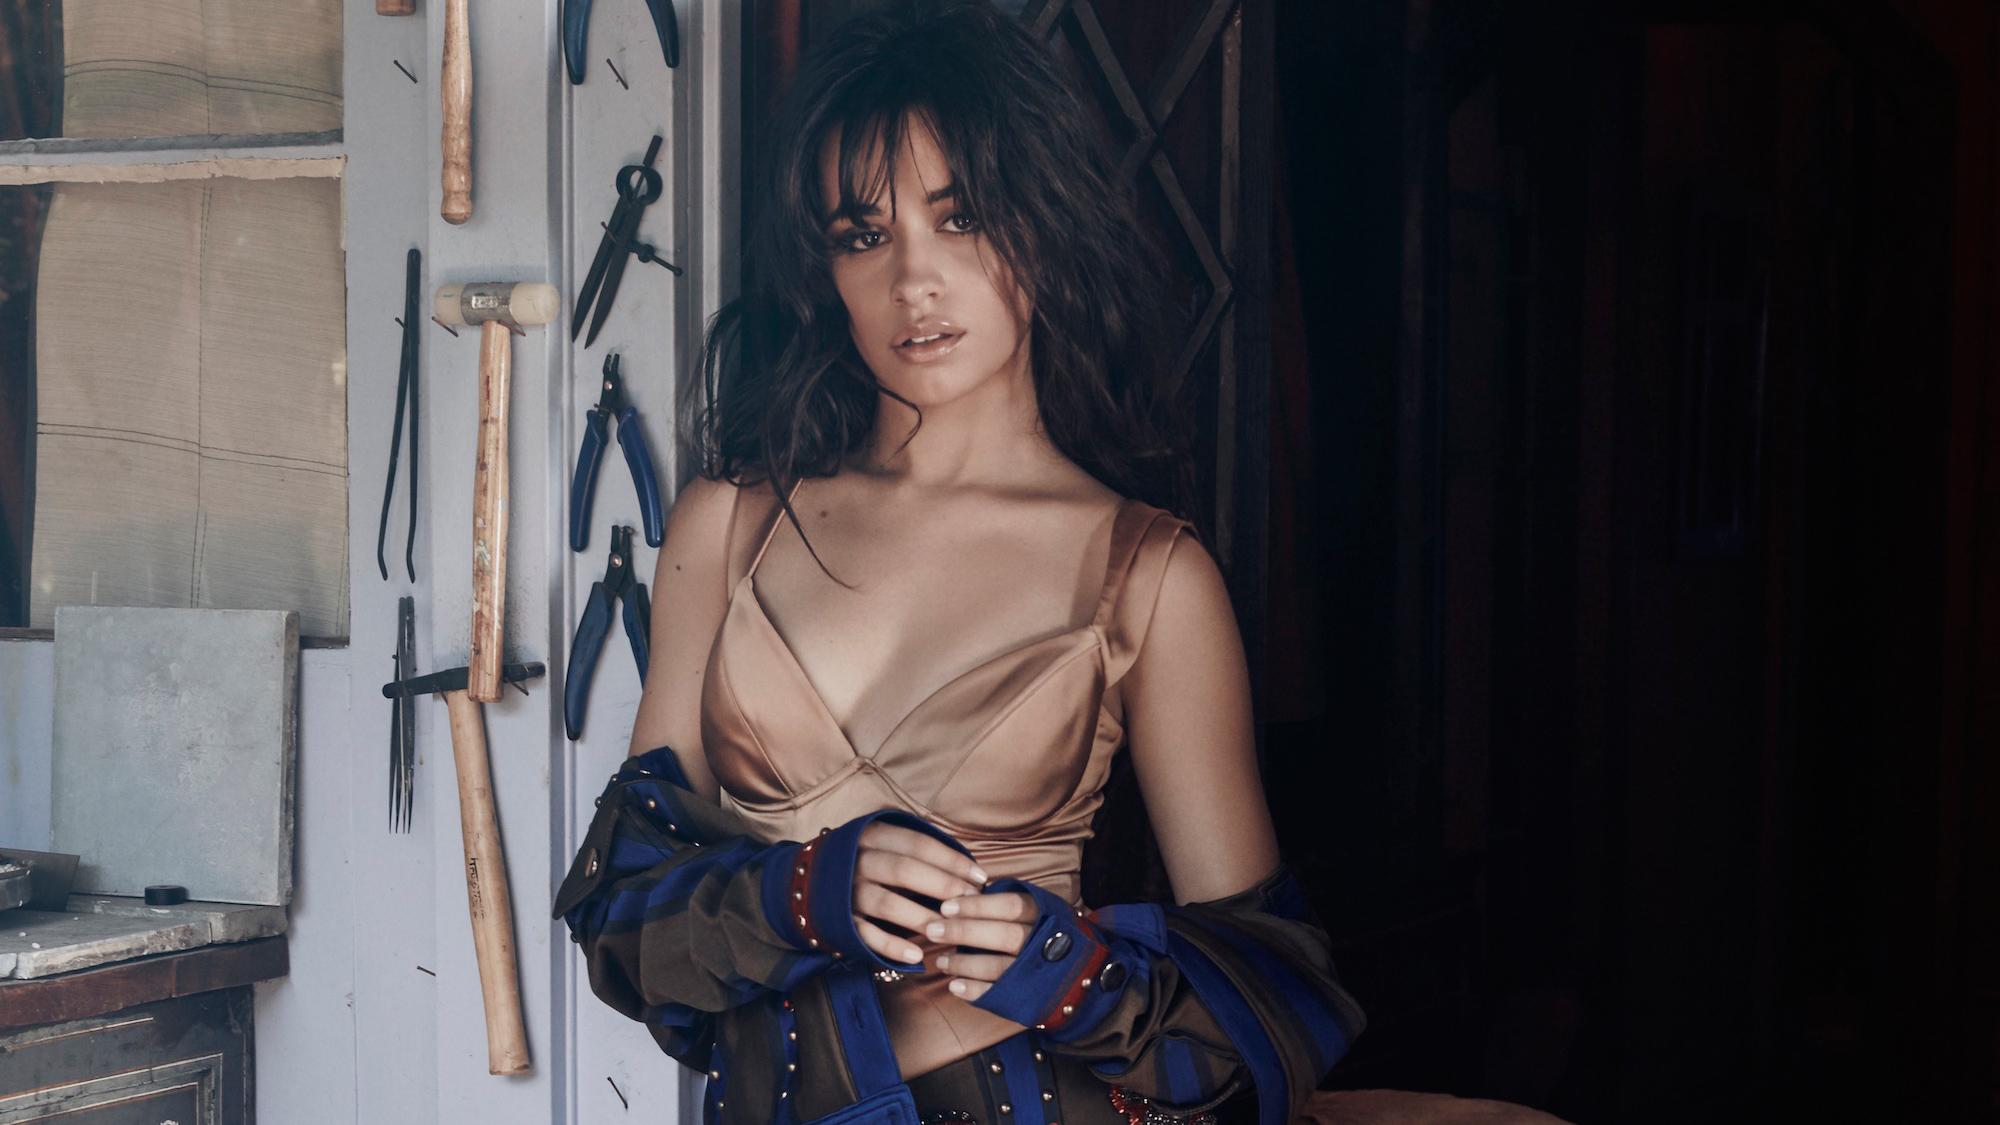 Fondos de pantalla Camila Cabello para la revista  Wonderland